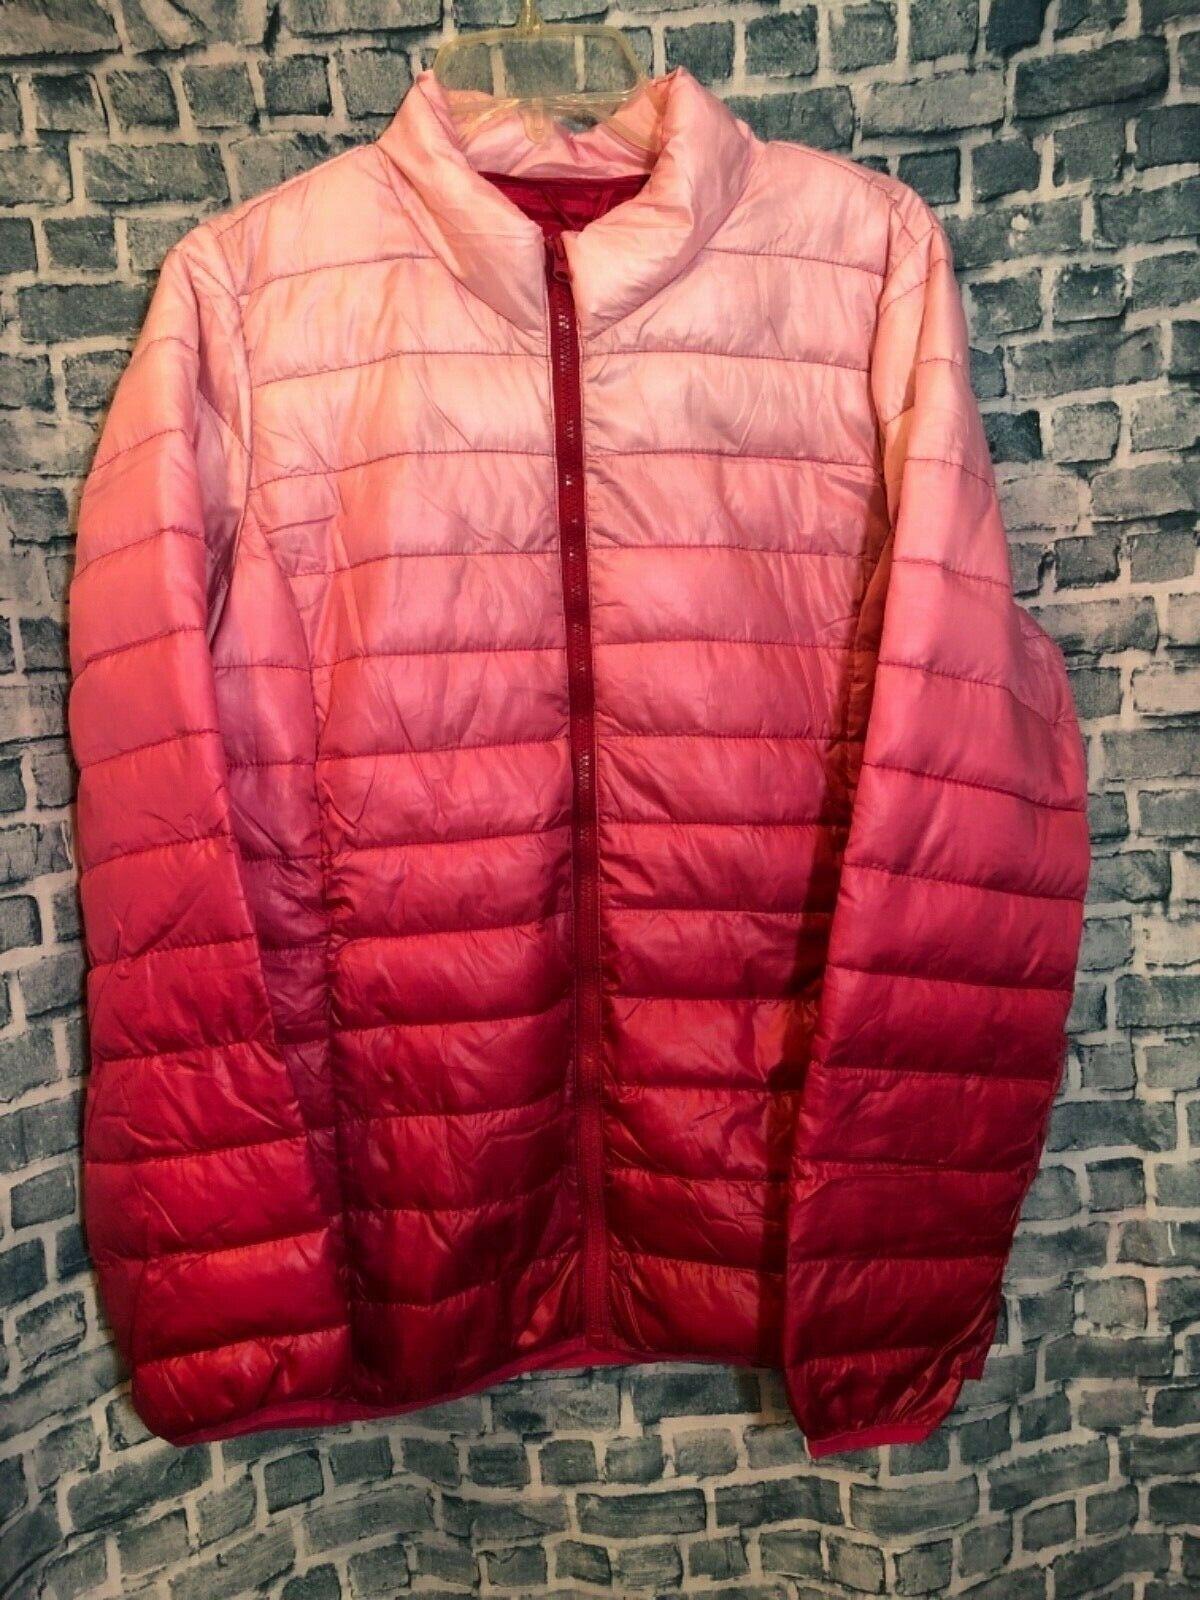 Women S Jackson Hole Outerwear Ombre Pink Puffer Jacket Xl Ebay Pink Puffer Jacket Jackets Puffer Jacket Women [ 1600 x 1200 Pixel ]